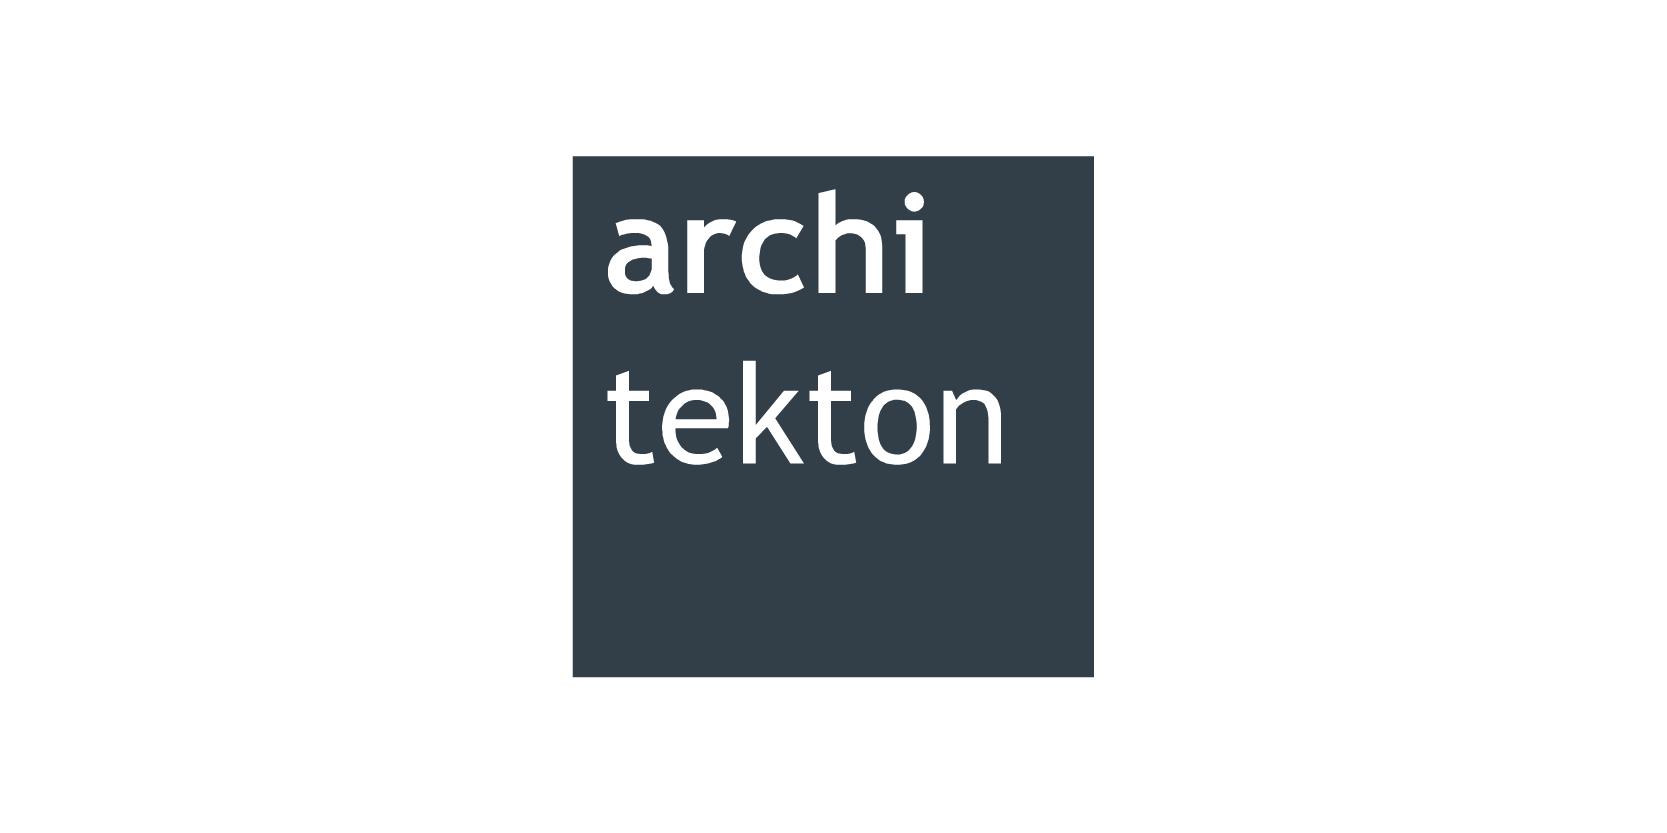 archi-tekton-01